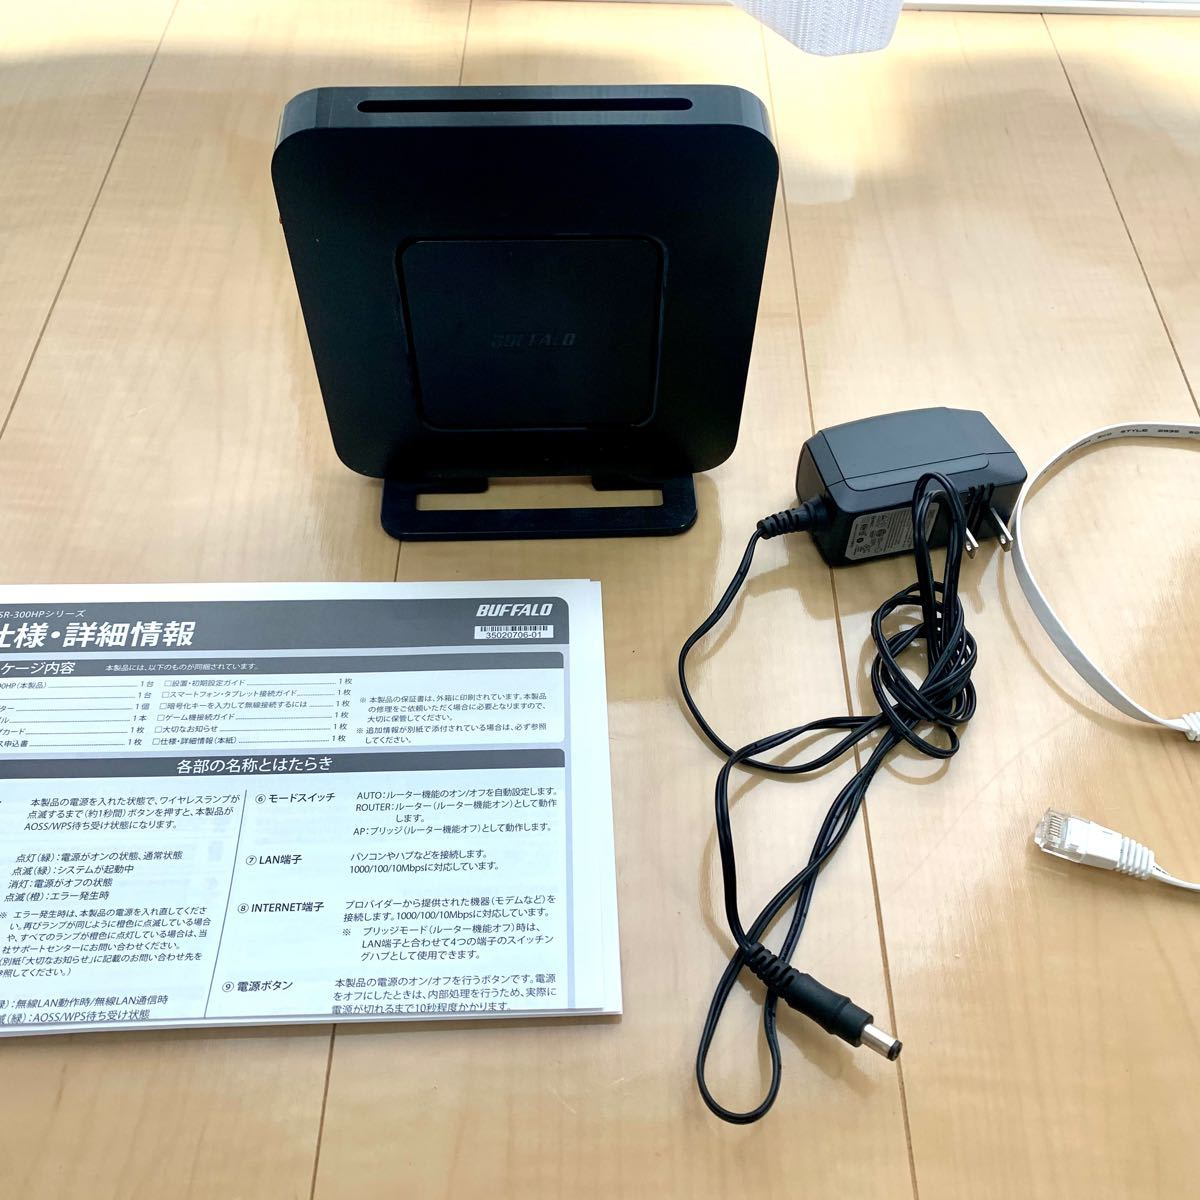 BUFFALO Wi-Fiルーター 無線LAN親機 WSR-300HP